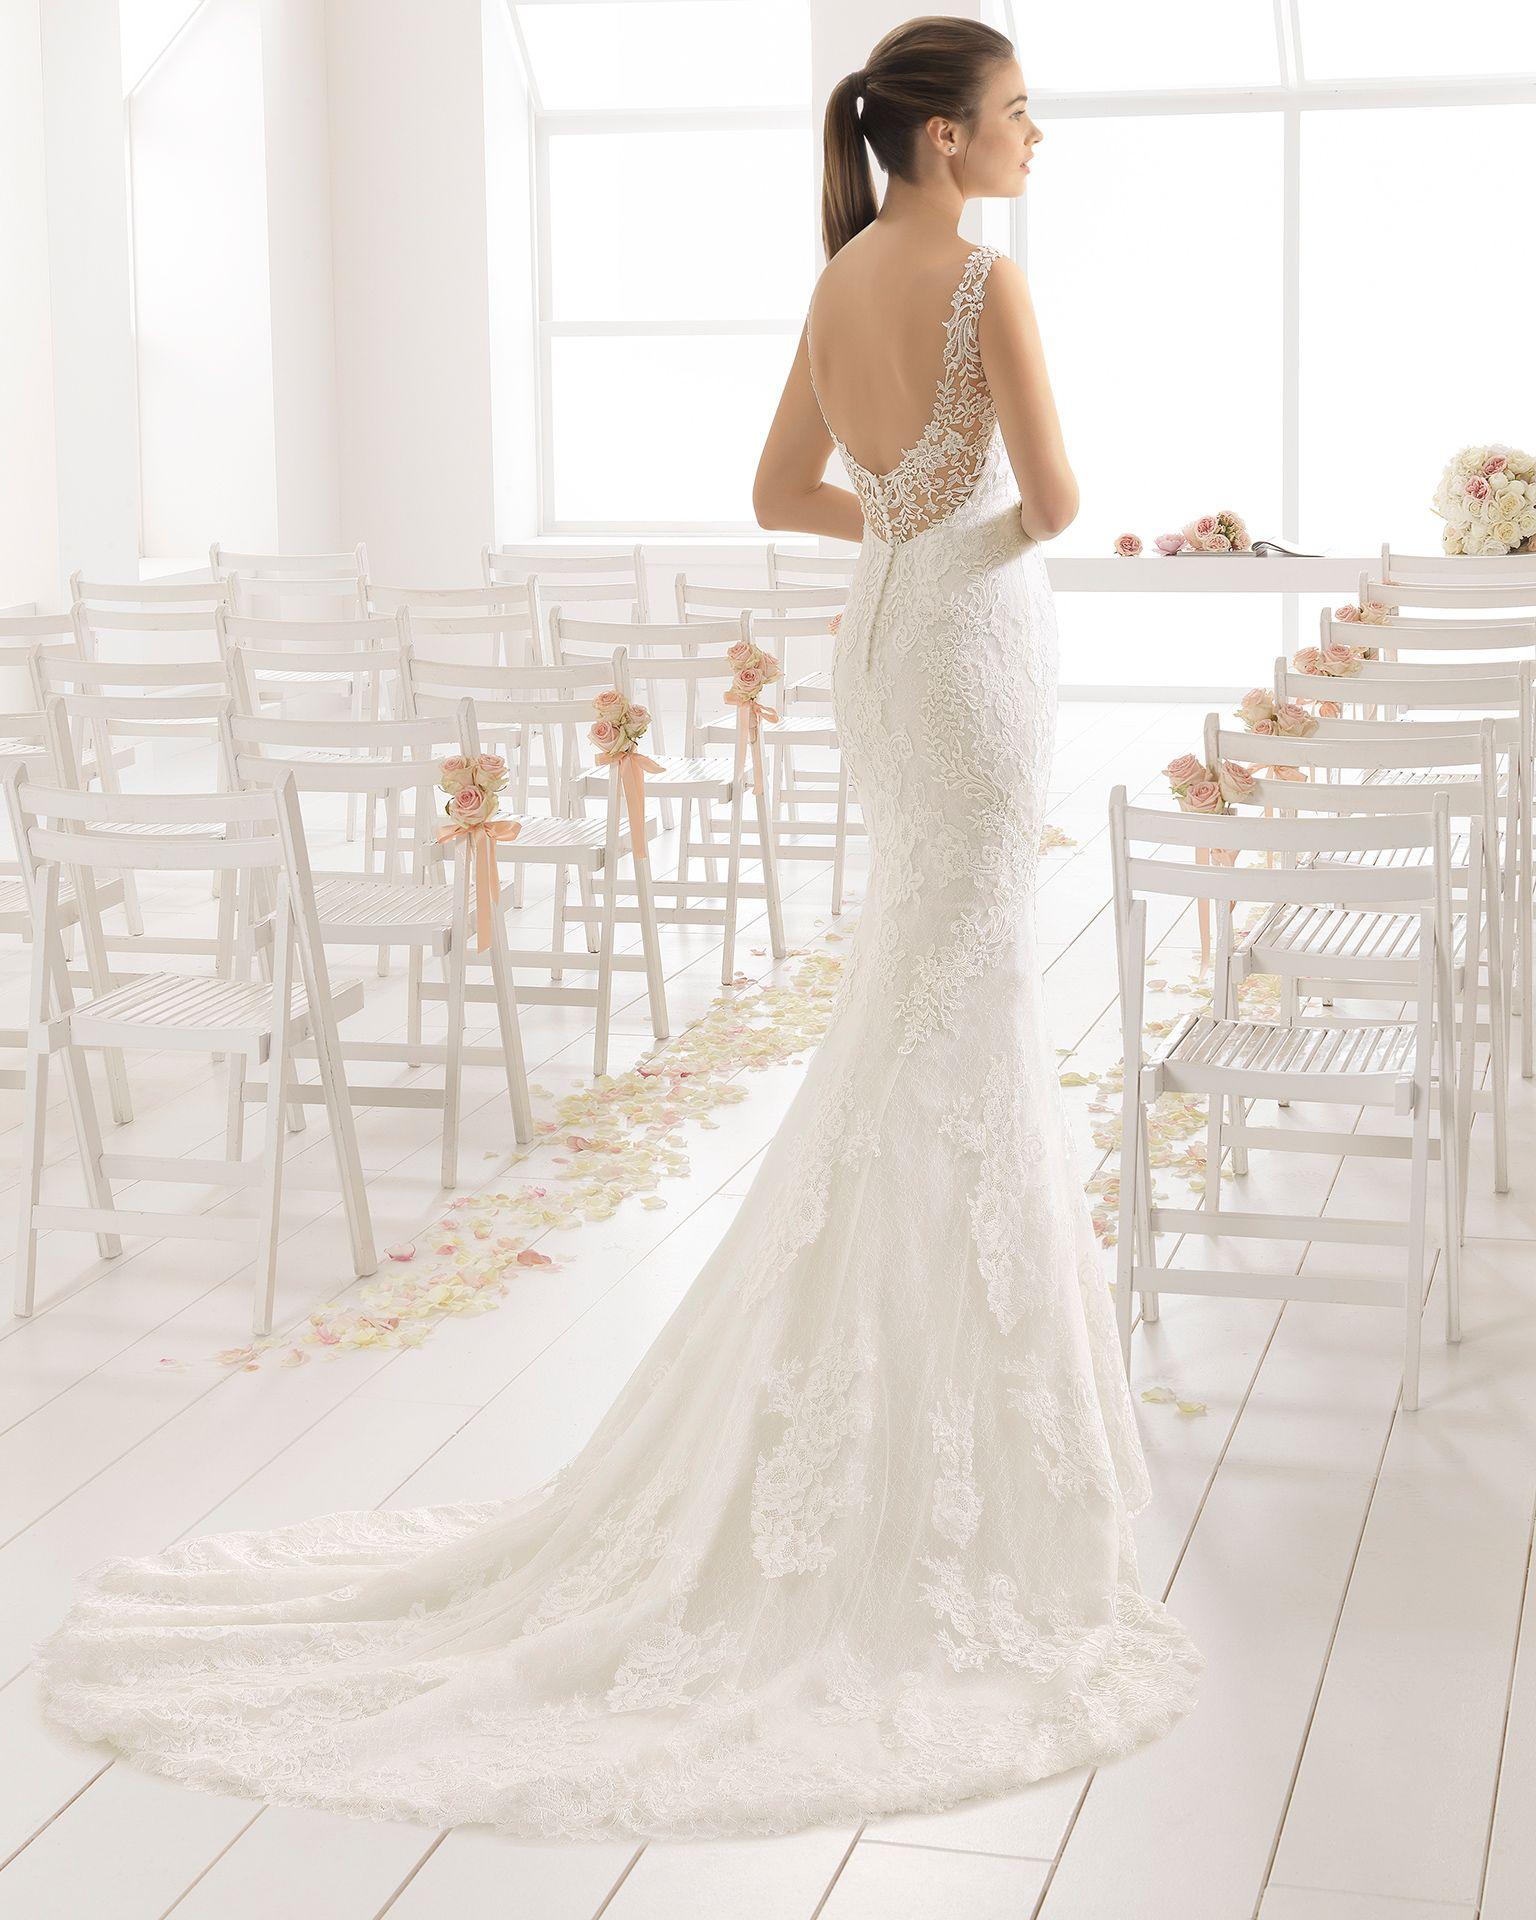 a972a2b4e9 Vestido de novia sirena de encaje, con escote corazón y espalda  pronunciada, en color natural/nude.